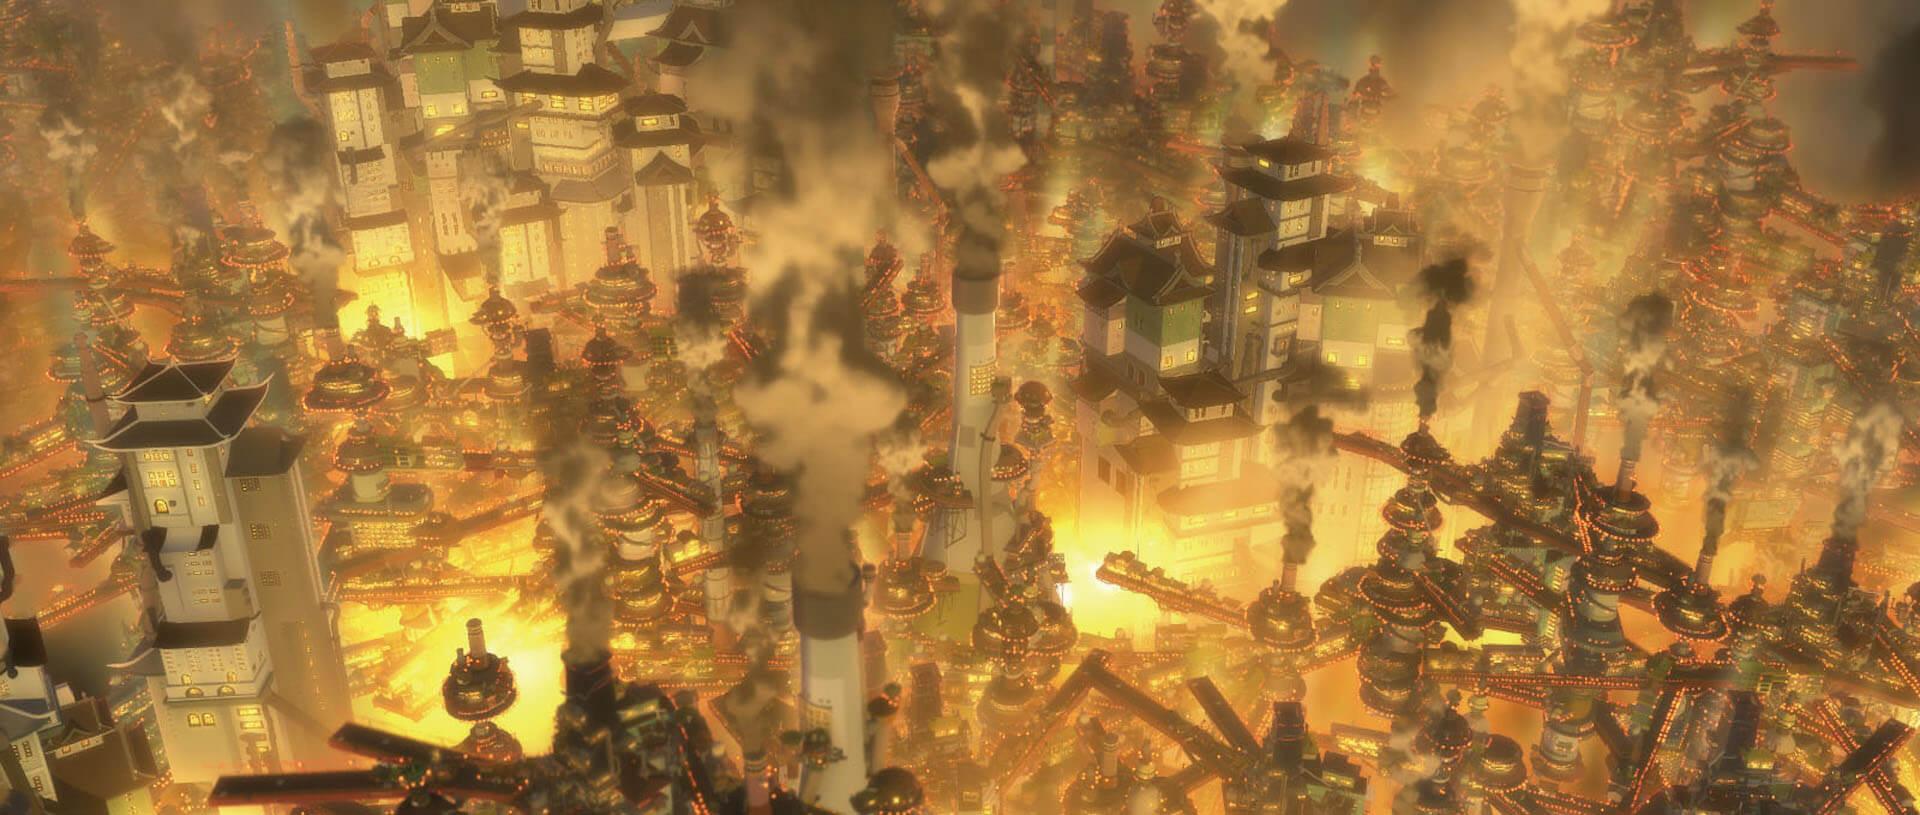 『映画 えんとつ町のプペル』の感動的な冒頭180秒が大公開!芦田愛菜演じるルビッチによるナレーションにも注目 film201216_poupelle_6